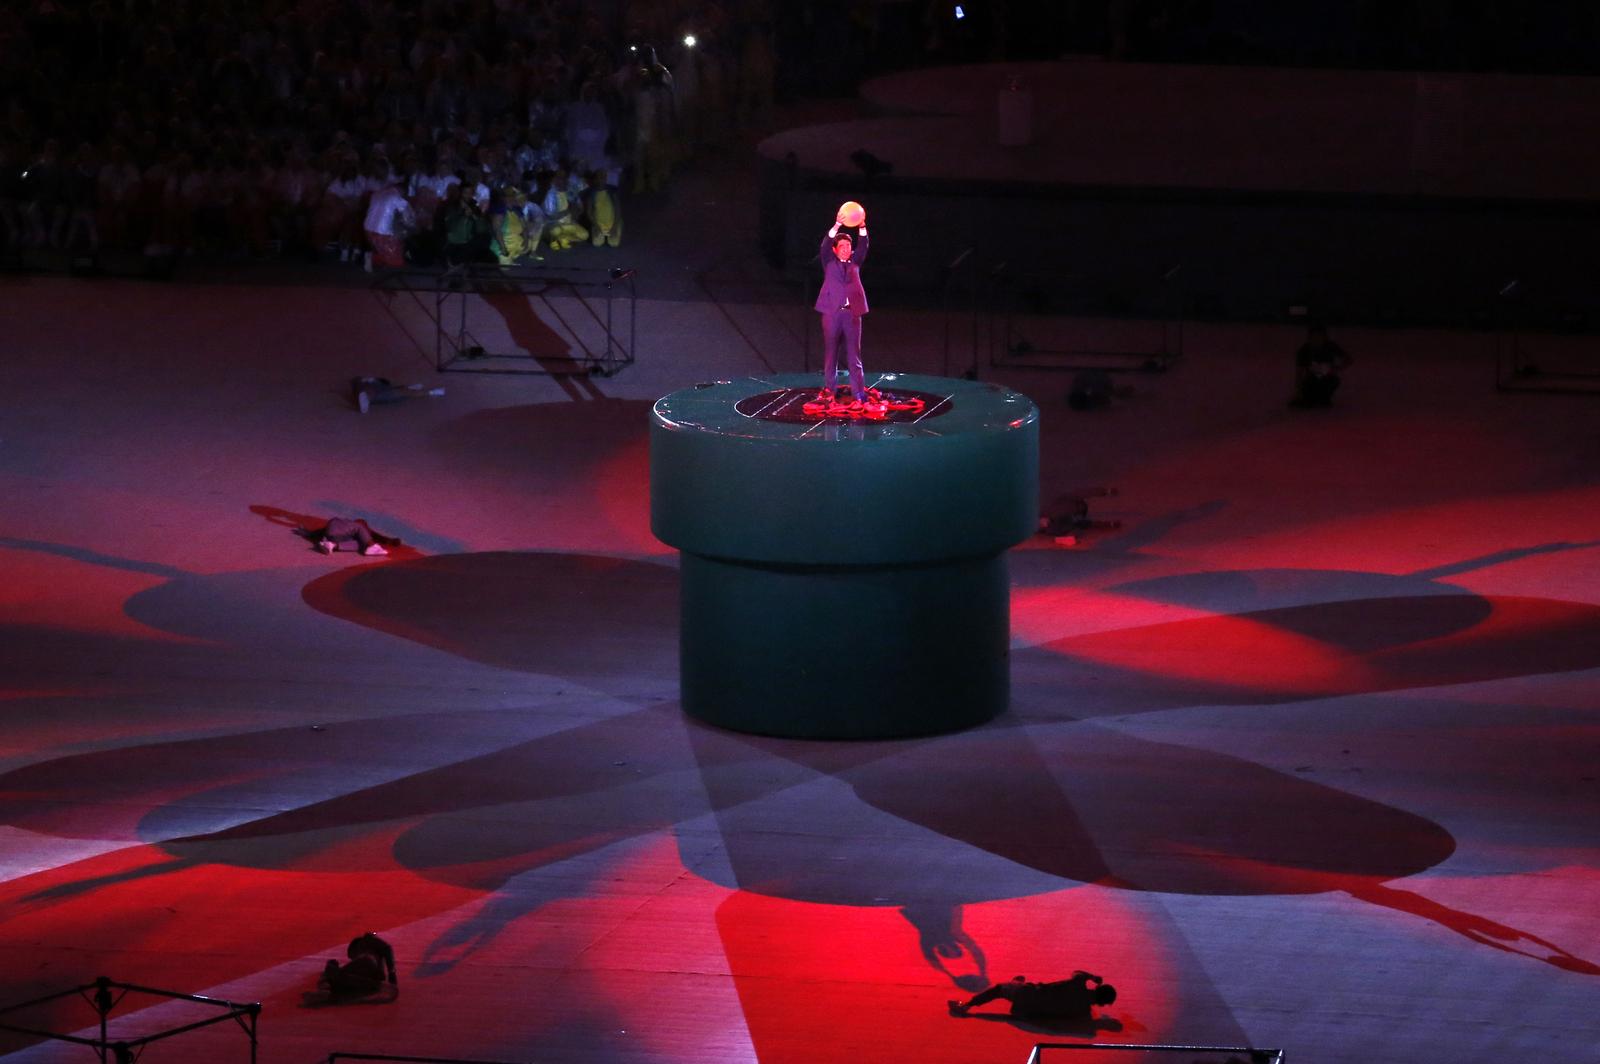 Премьер-министр Японии принял участие в представлении страны-преемницы следующей Олимпиады